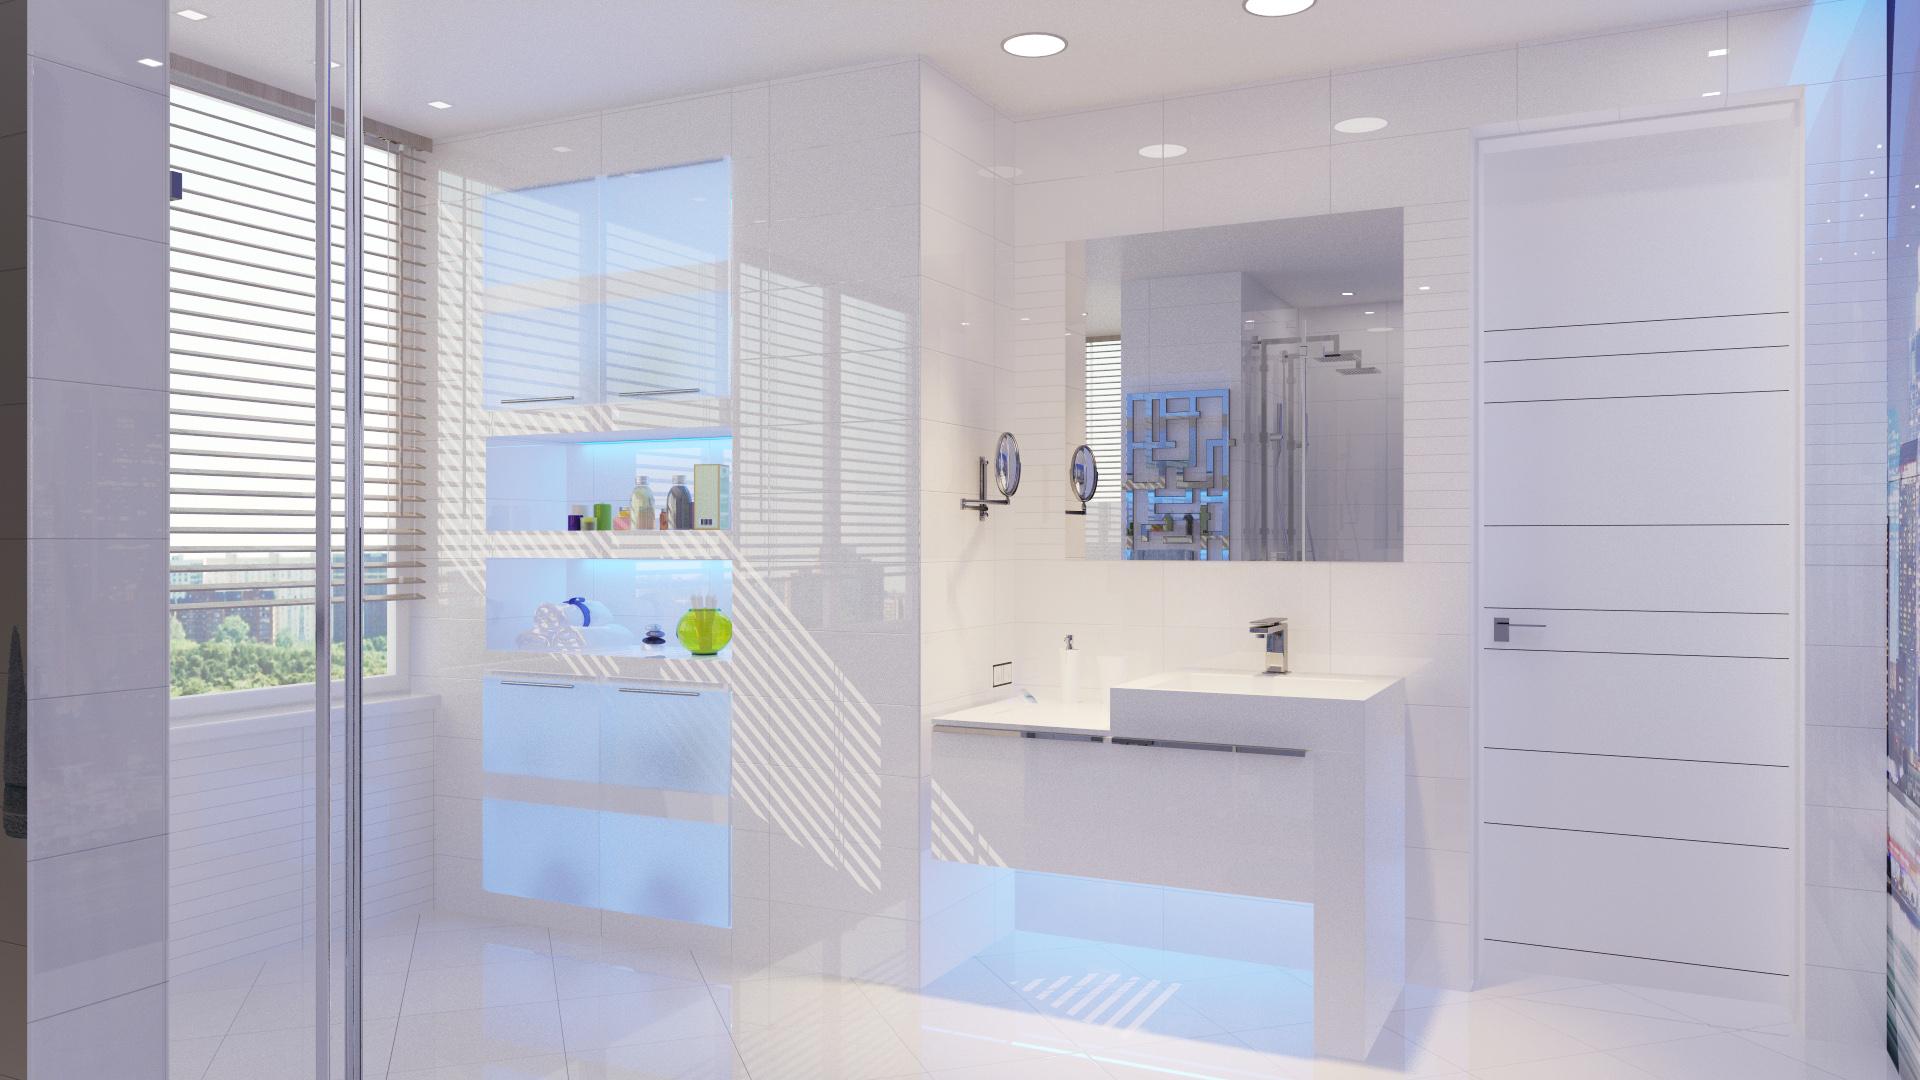 Картинки по запросу minimalism in interior design